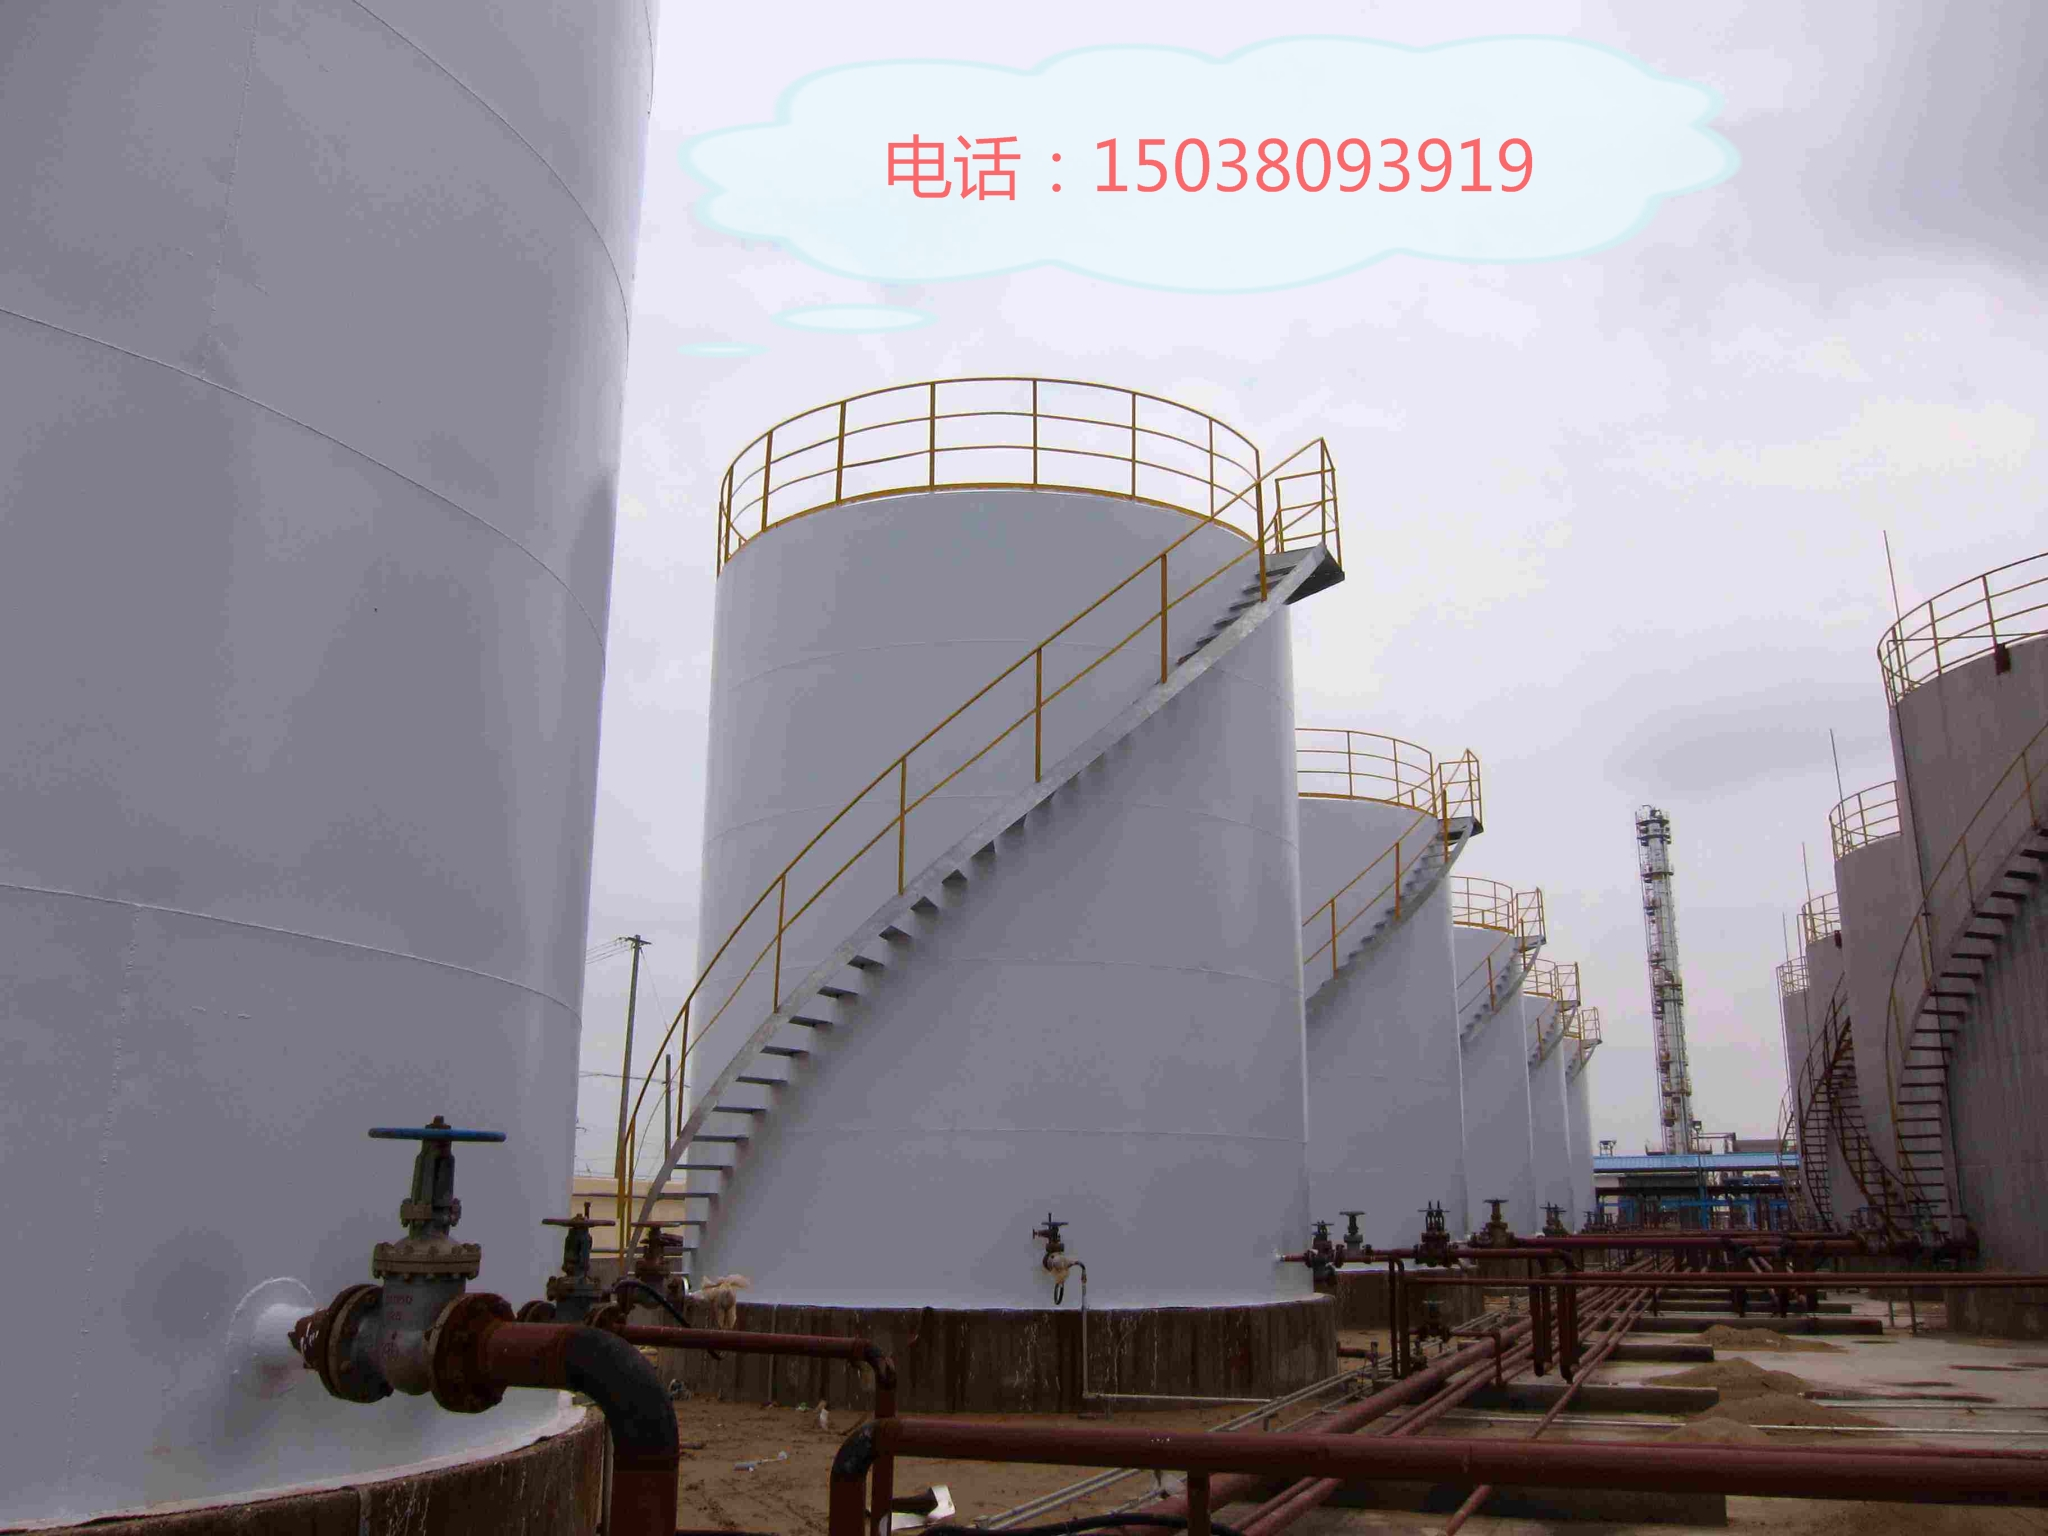 氯磺化聚乙烯底漆  河南郑州氯磺化聚乙烯底漆厂家价格